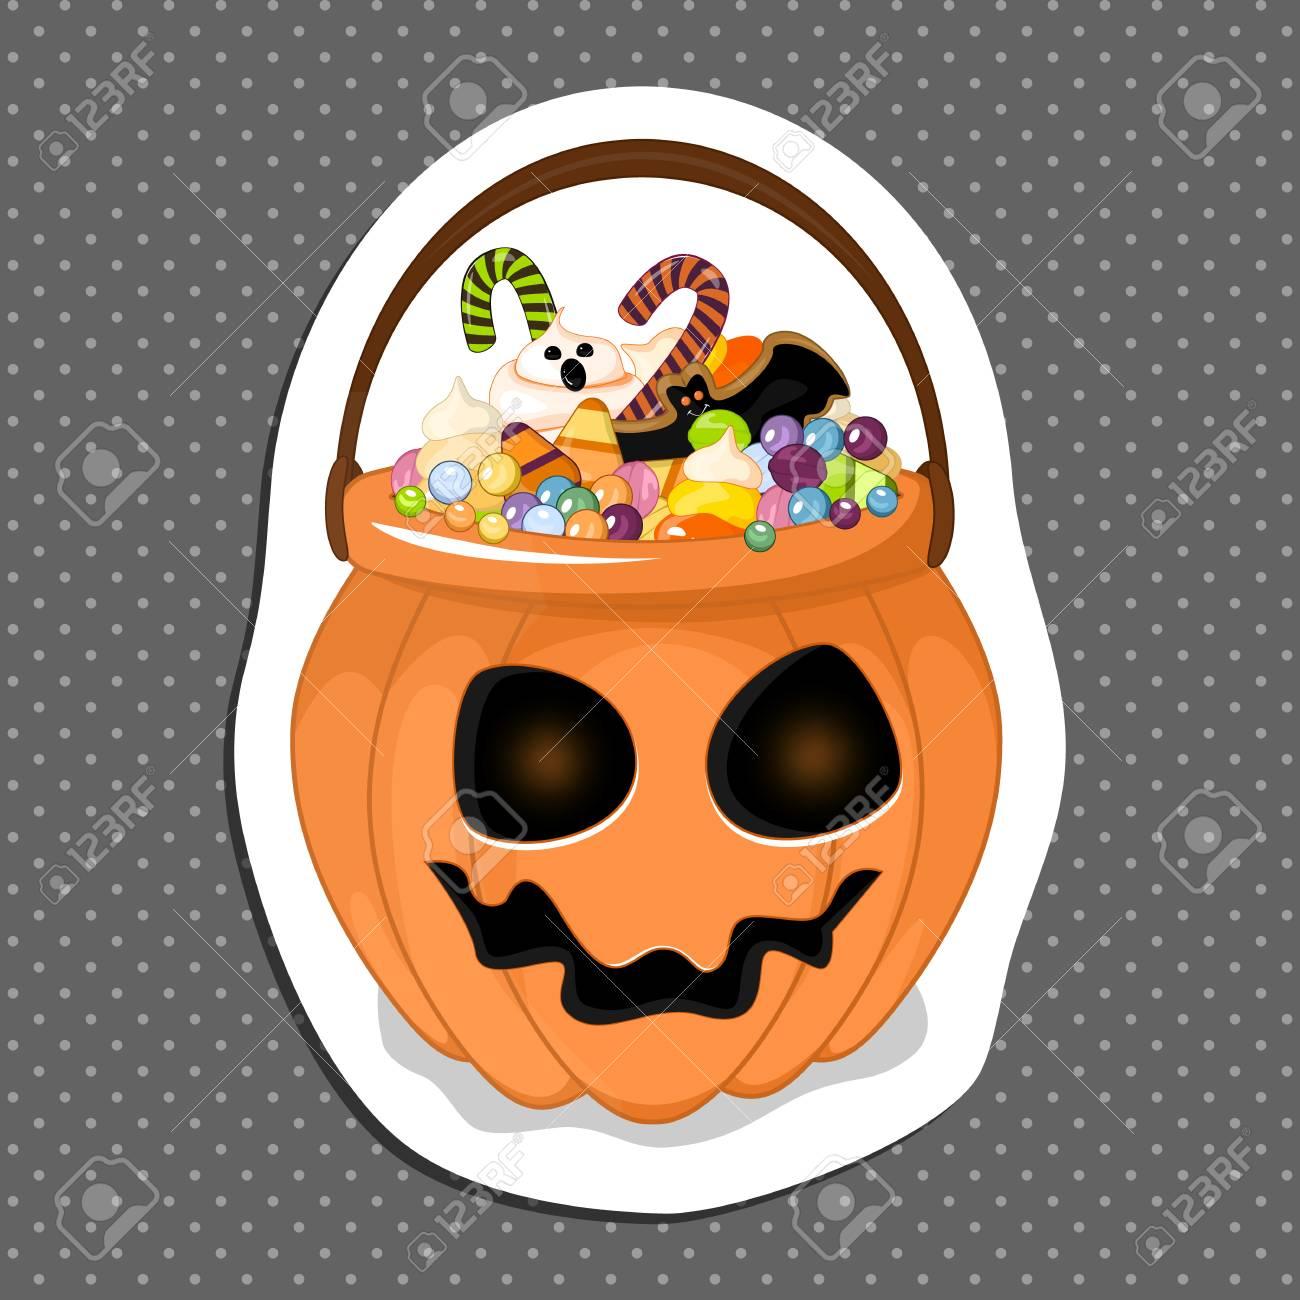 Halloween Snoep.Halloween Emmer Met Snoep Wordt Gevuld Dat Geisoleerde Witte Achtergrond Sticker Voor Uw Ontwerp Voorraad Vector